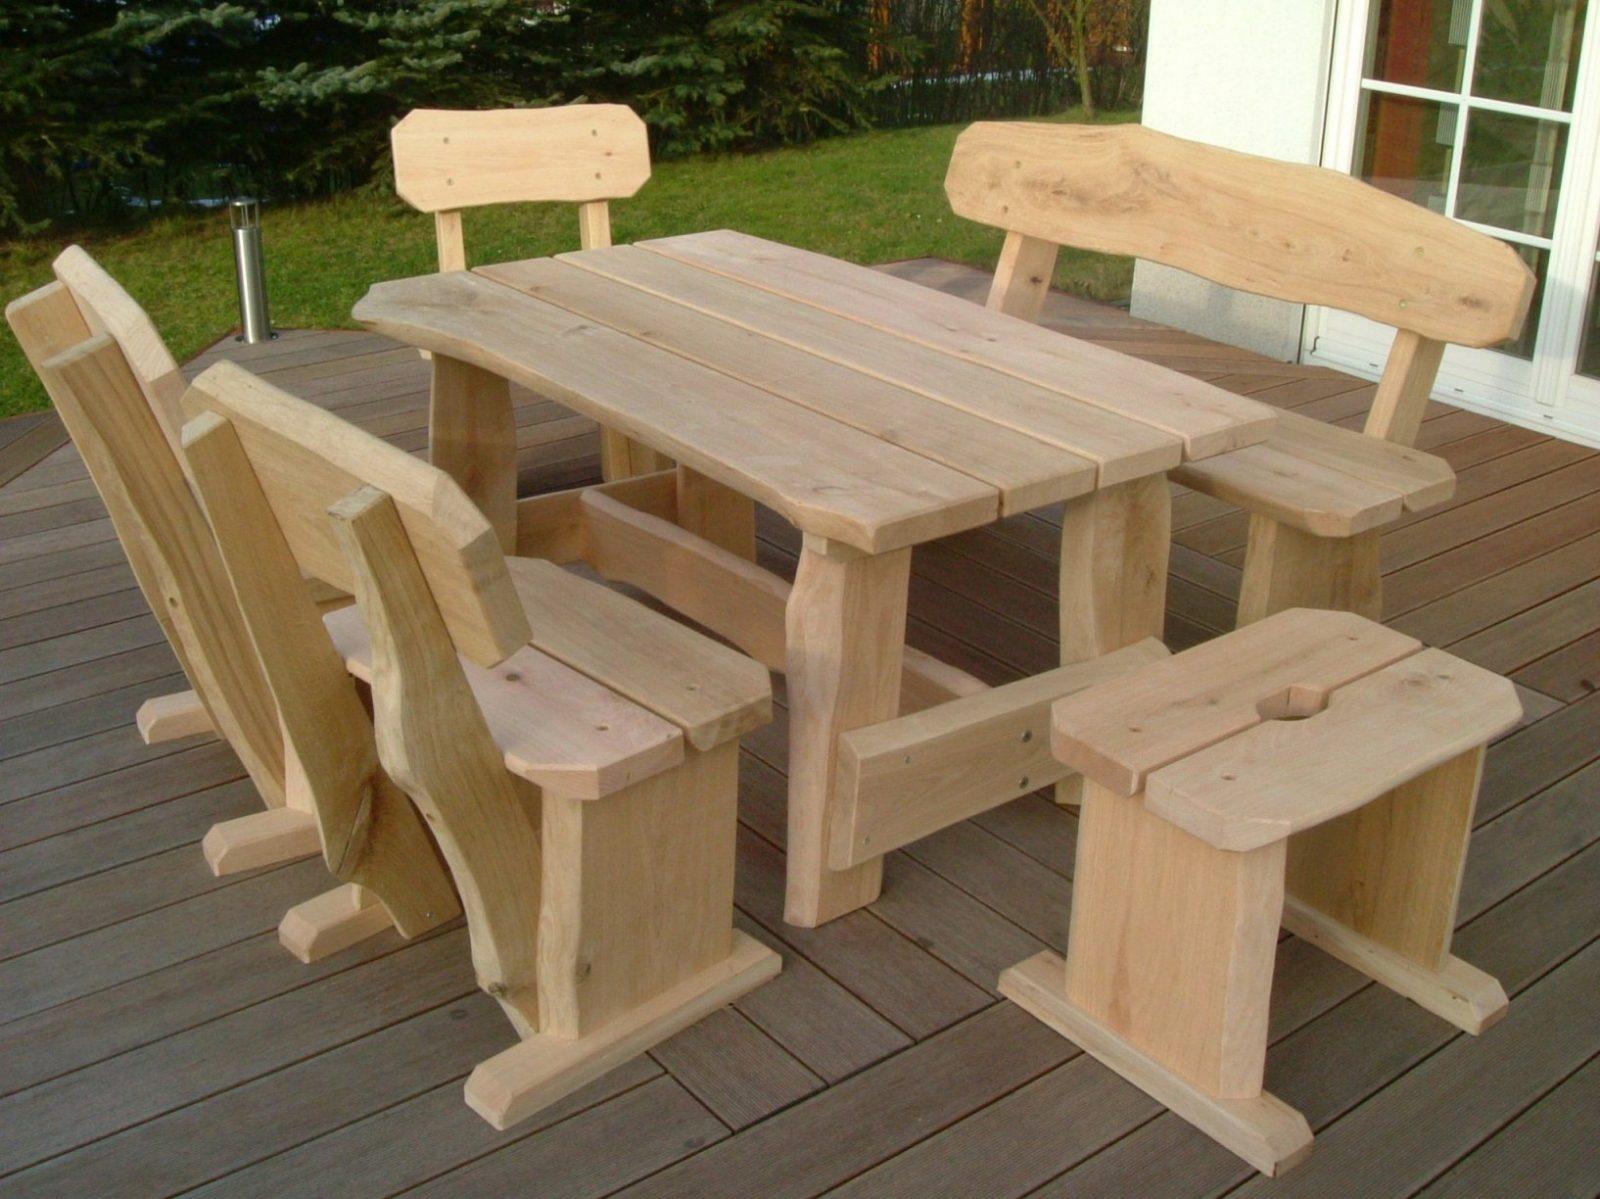 30 Luxus 30 Von Rustikale Holz Gartenmöbel Aus Polen Design von Rustikale Holz Gartenmöbel Aus Polen Photo